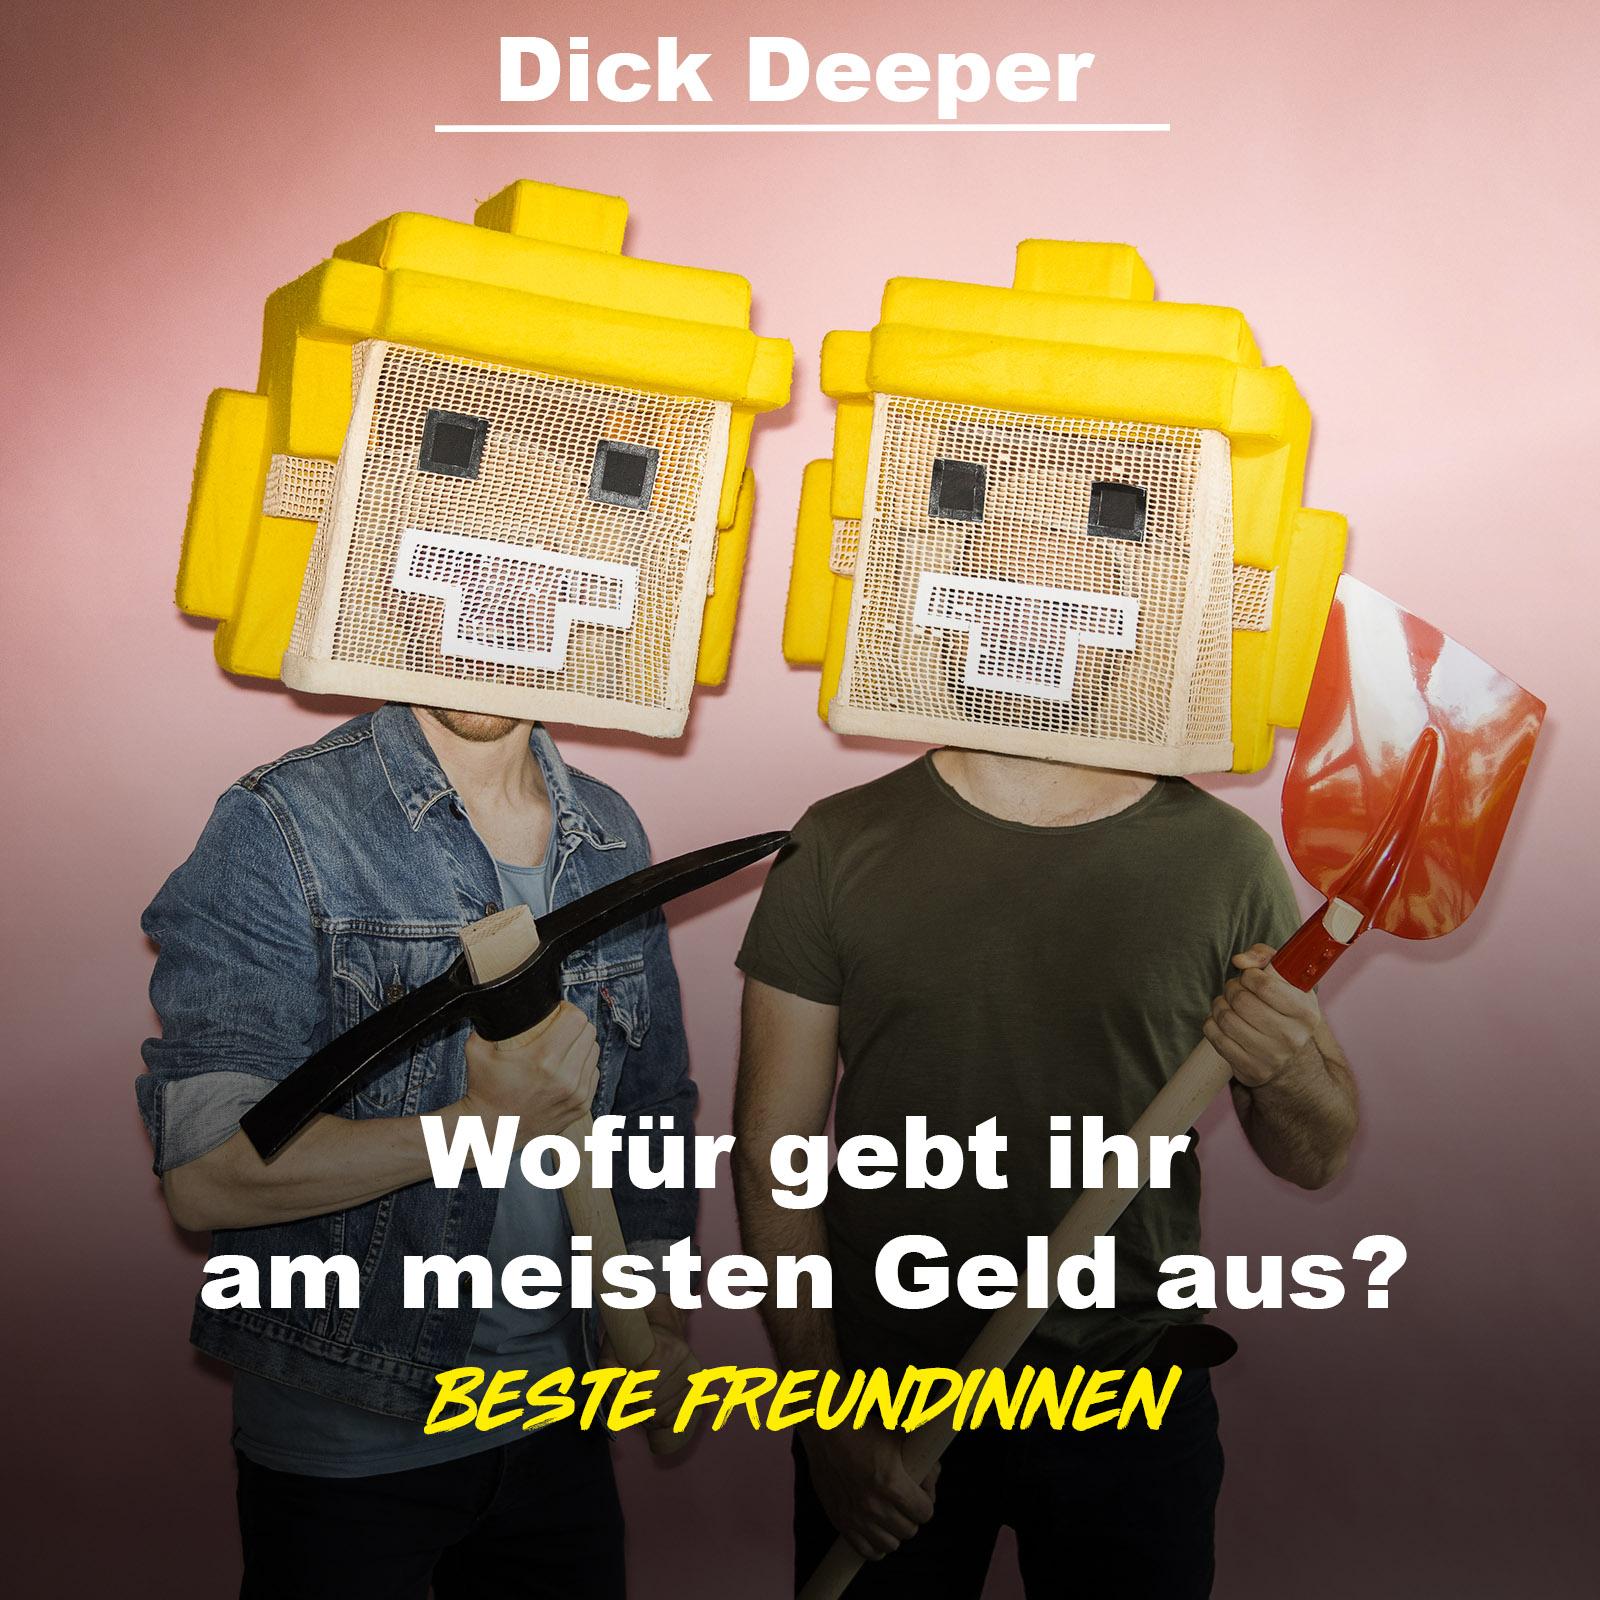 Dick Deeper #18 - Wofür gebt ihr am meisten Geld aus?